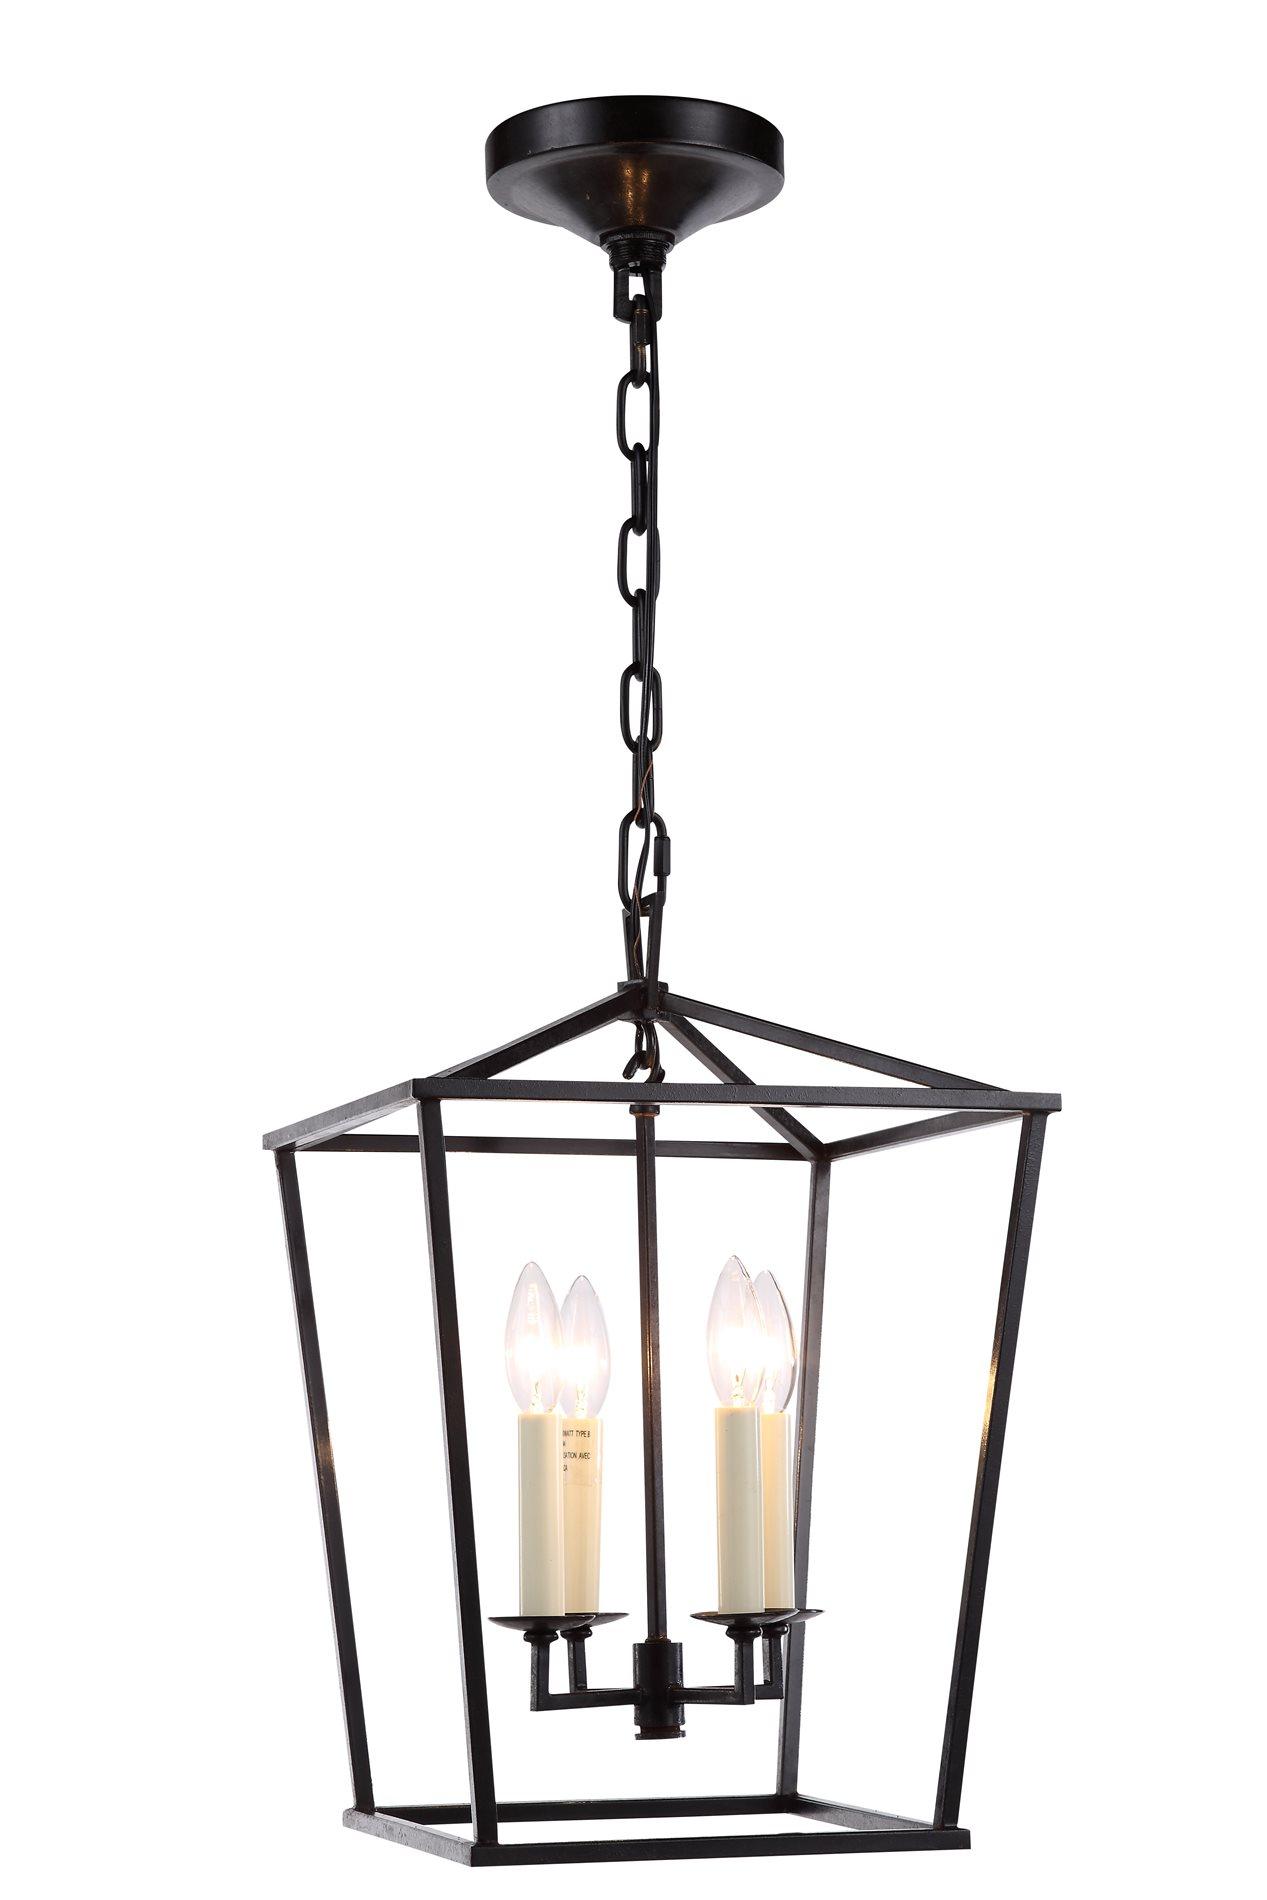 Elegant lighting 1422d12 denmark transitional pendant light elgt elegant lighting 1422d12 denmark transitional pendant light elgt 1422d12 mozeypictures Images